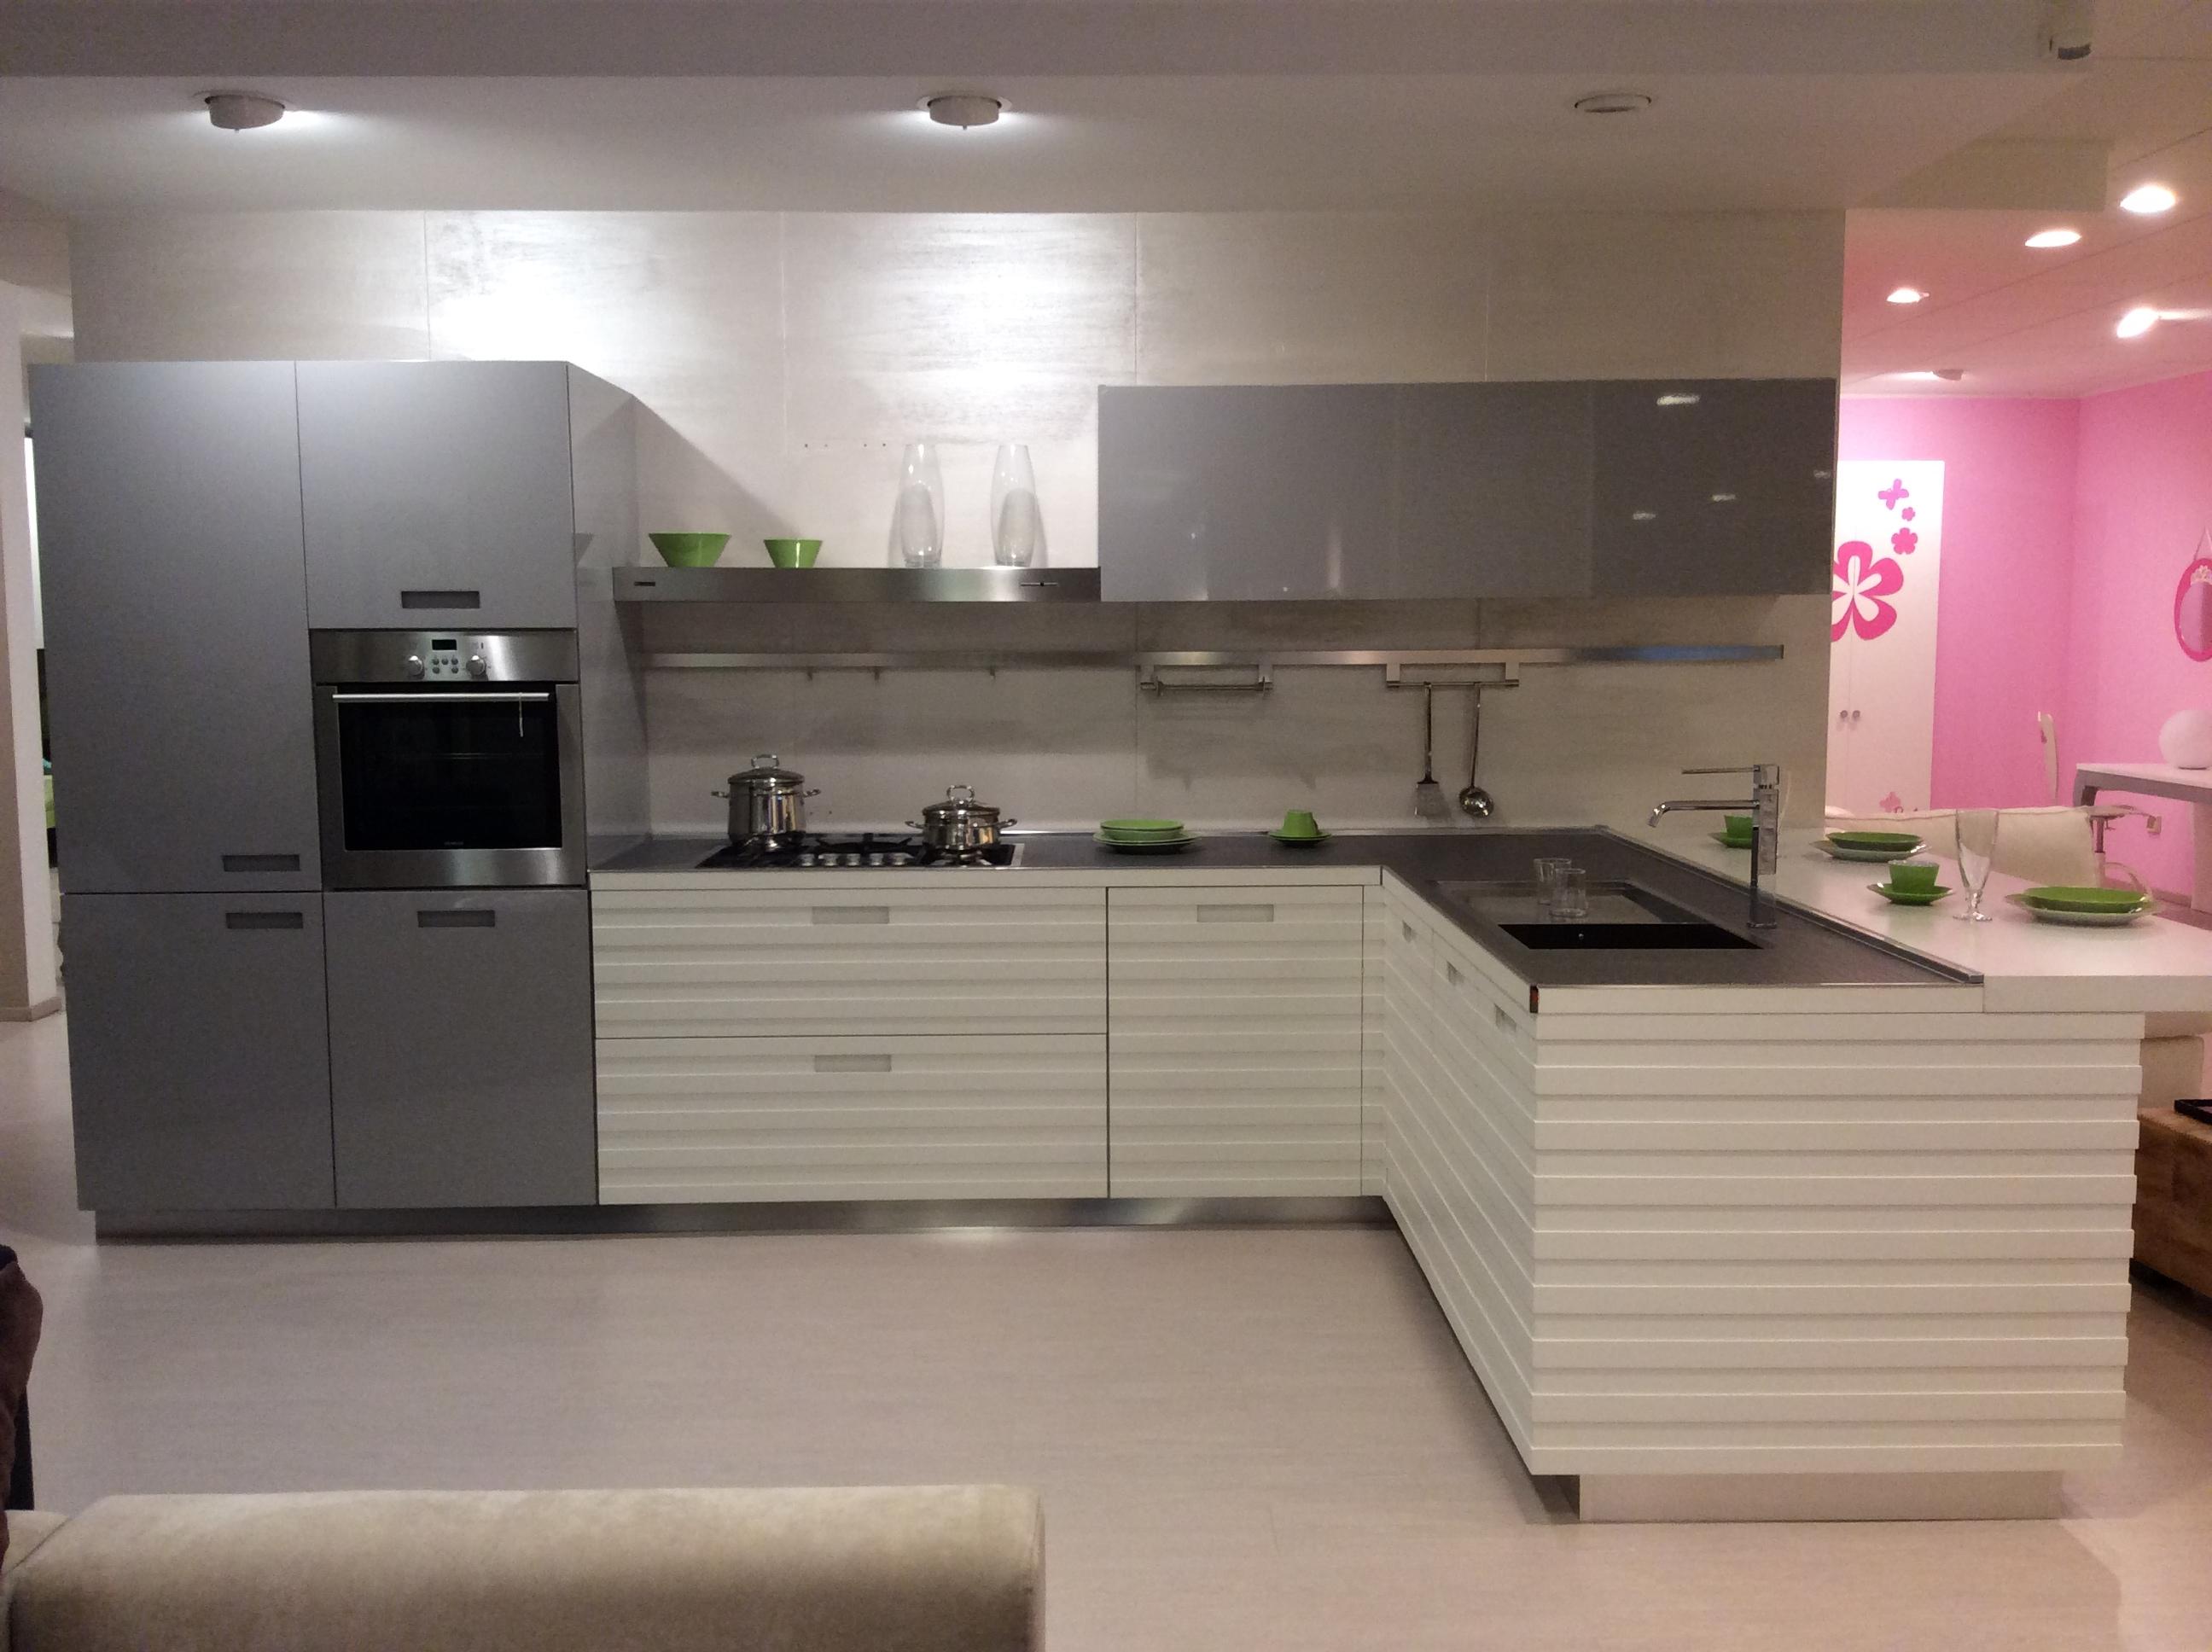 Arredamento design offerte arredamento completo per la for Offerte arredamento completo casa